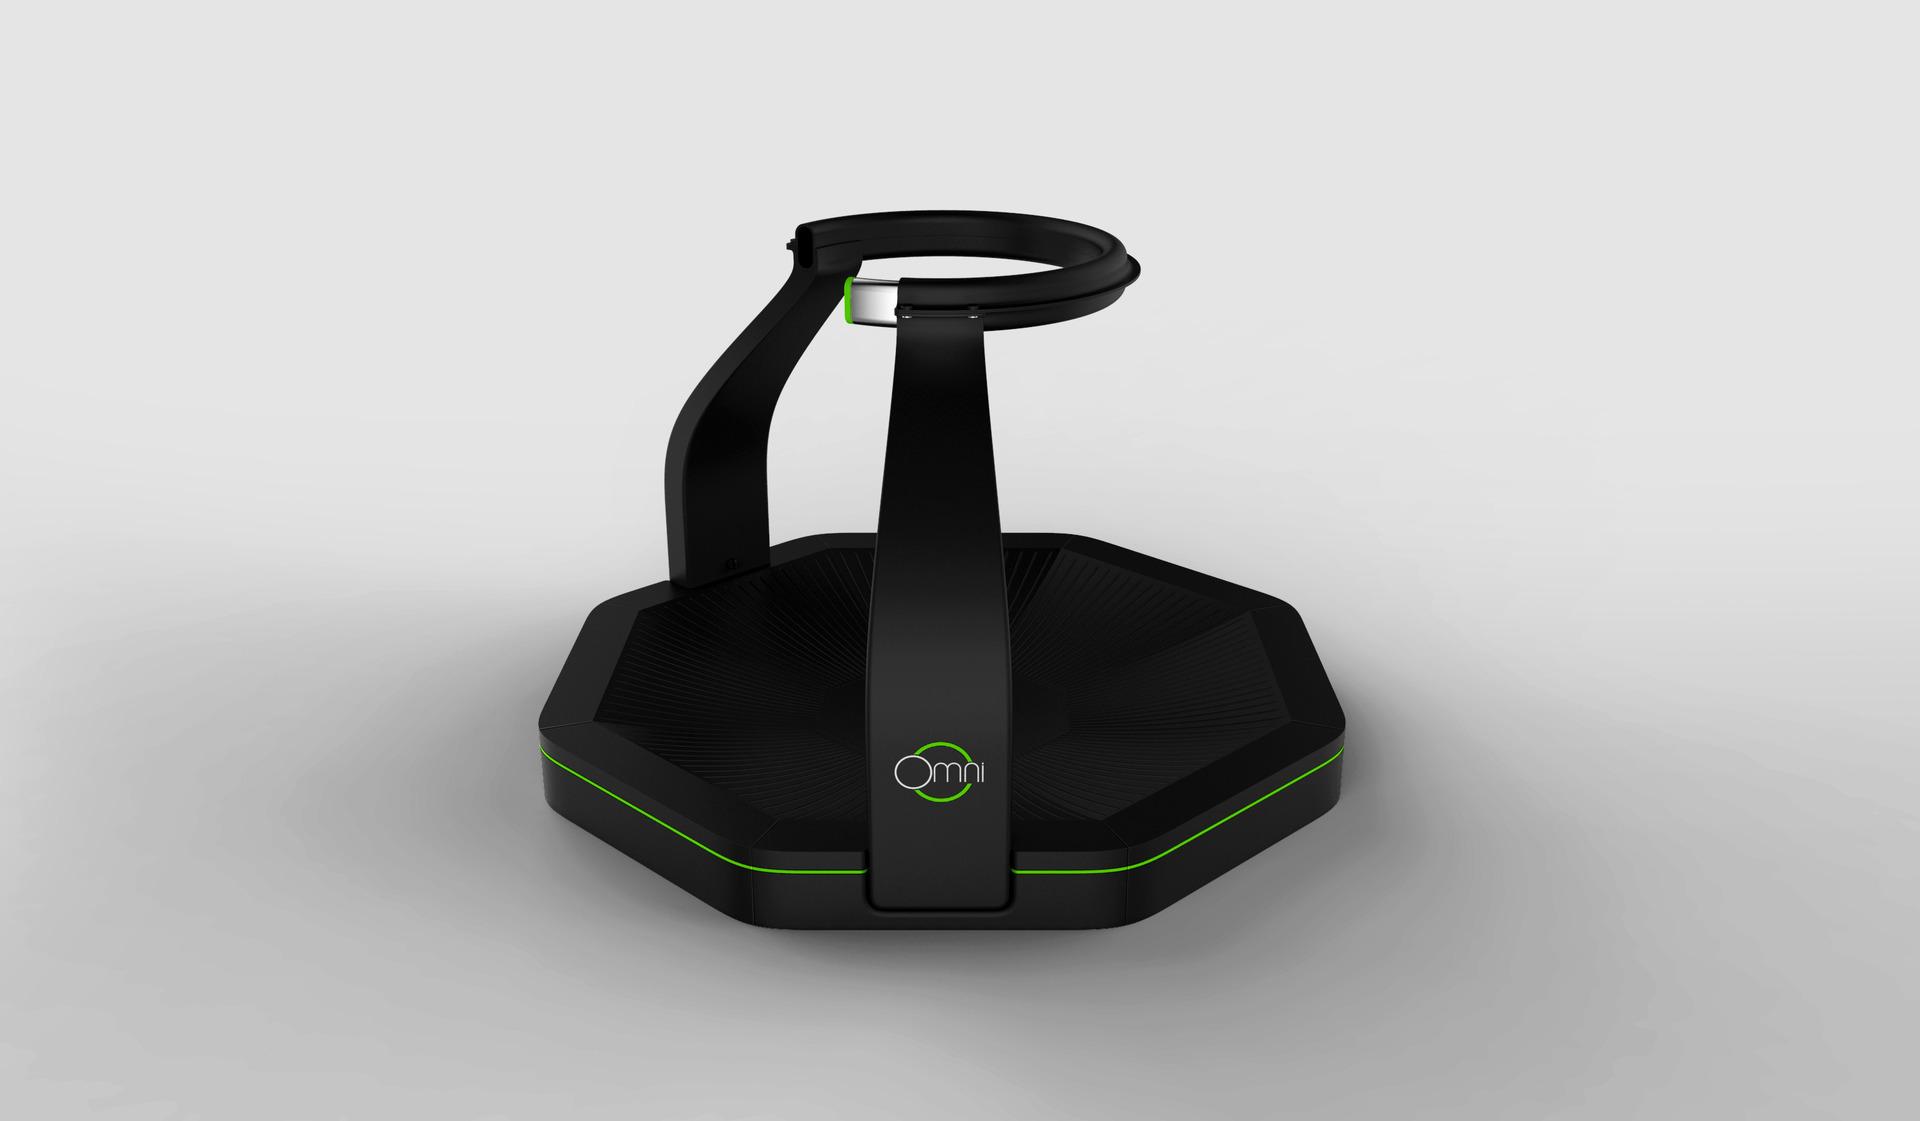 GTA 5 в Oculus Rift — как использовать беговую дорожку с пользой (Видео) - 1